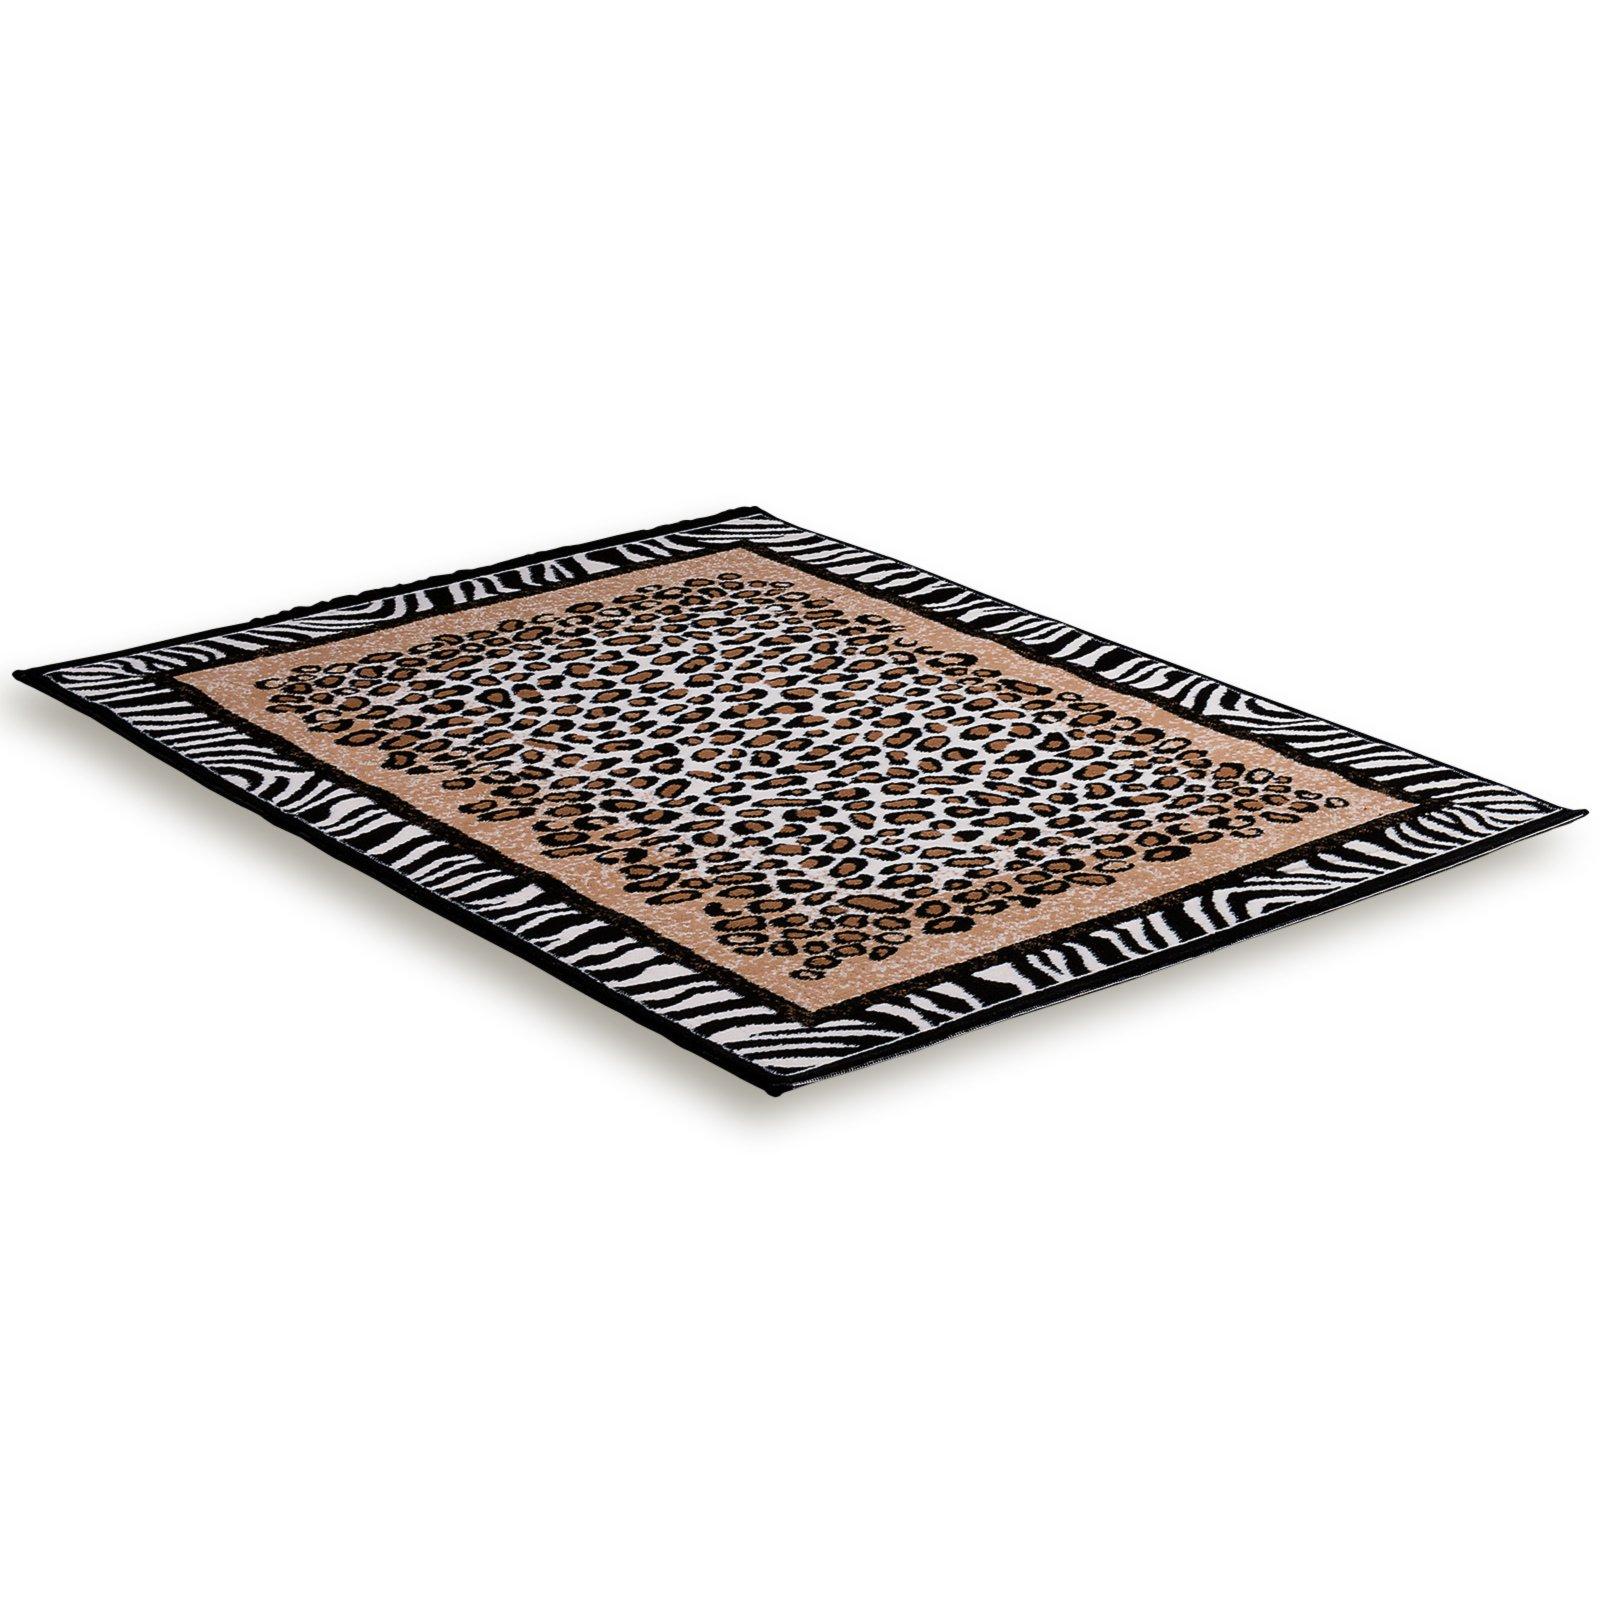 teppich afrika zebra leopardenmuster 115x160 cm. Black Bedroom Furniture Sets. Home Design Ideas